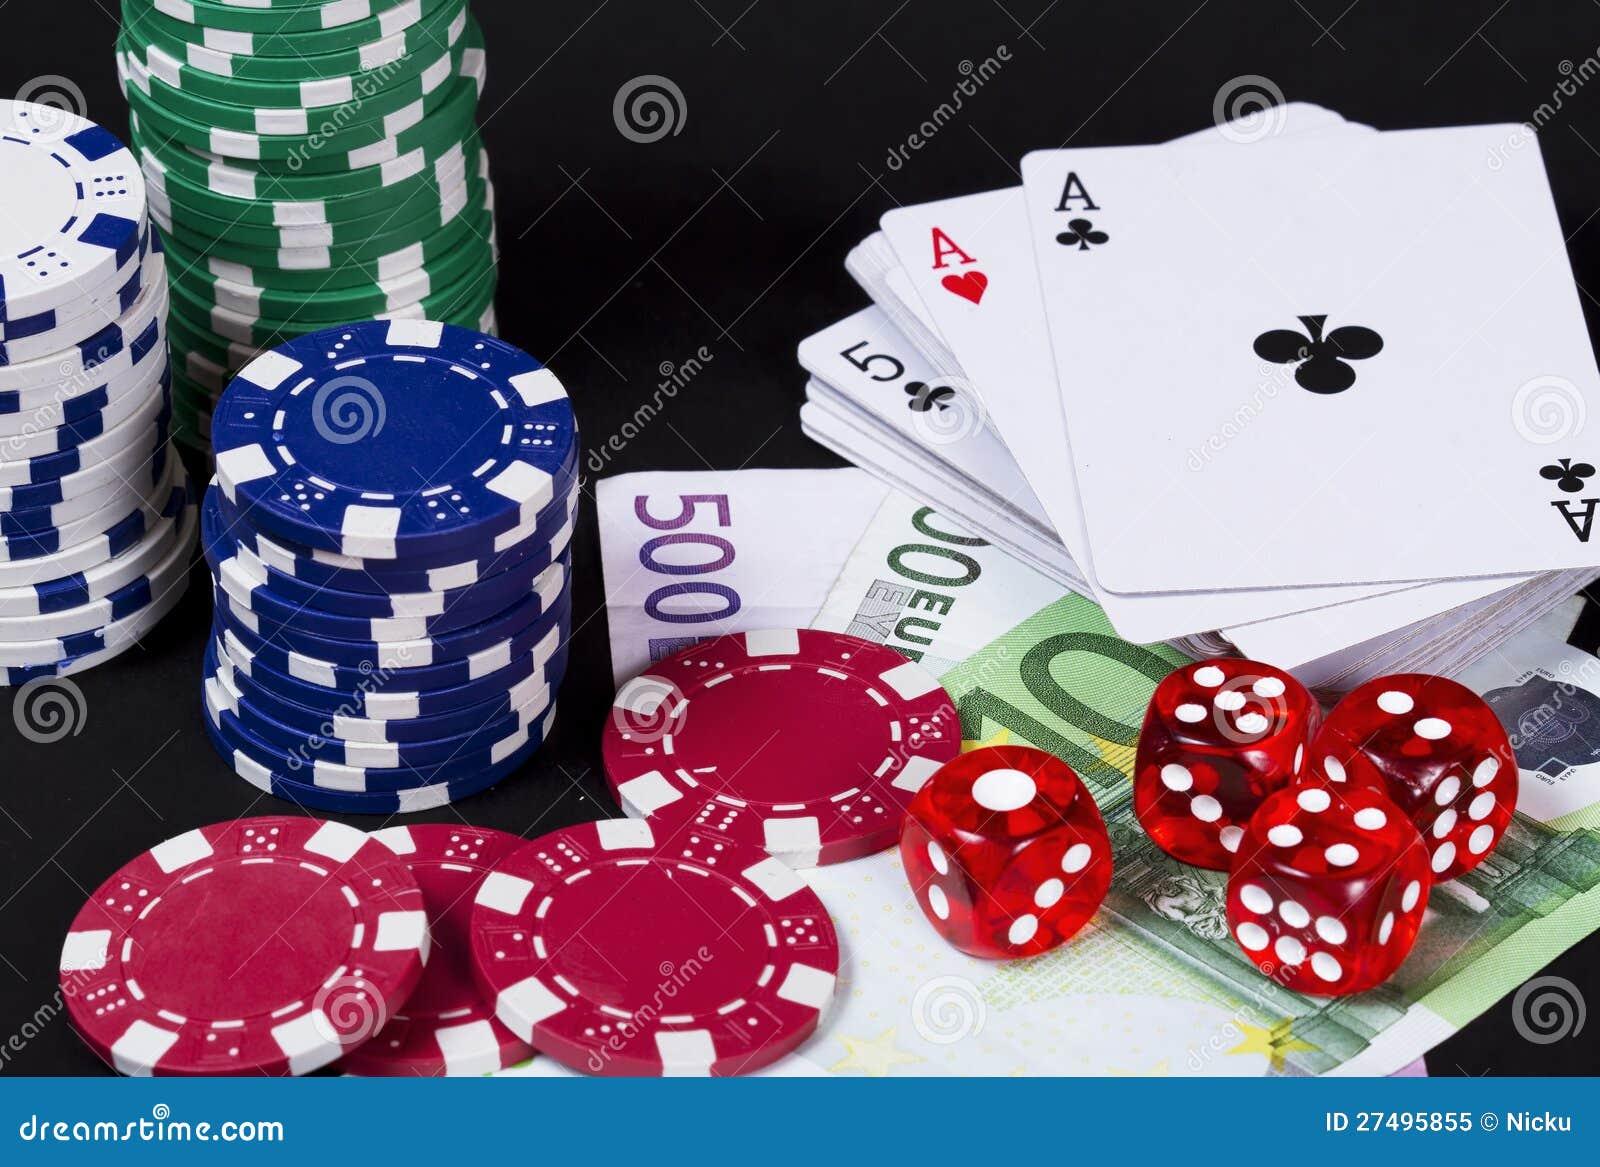 赌博与纸牌的概念,切成小方块和货币.